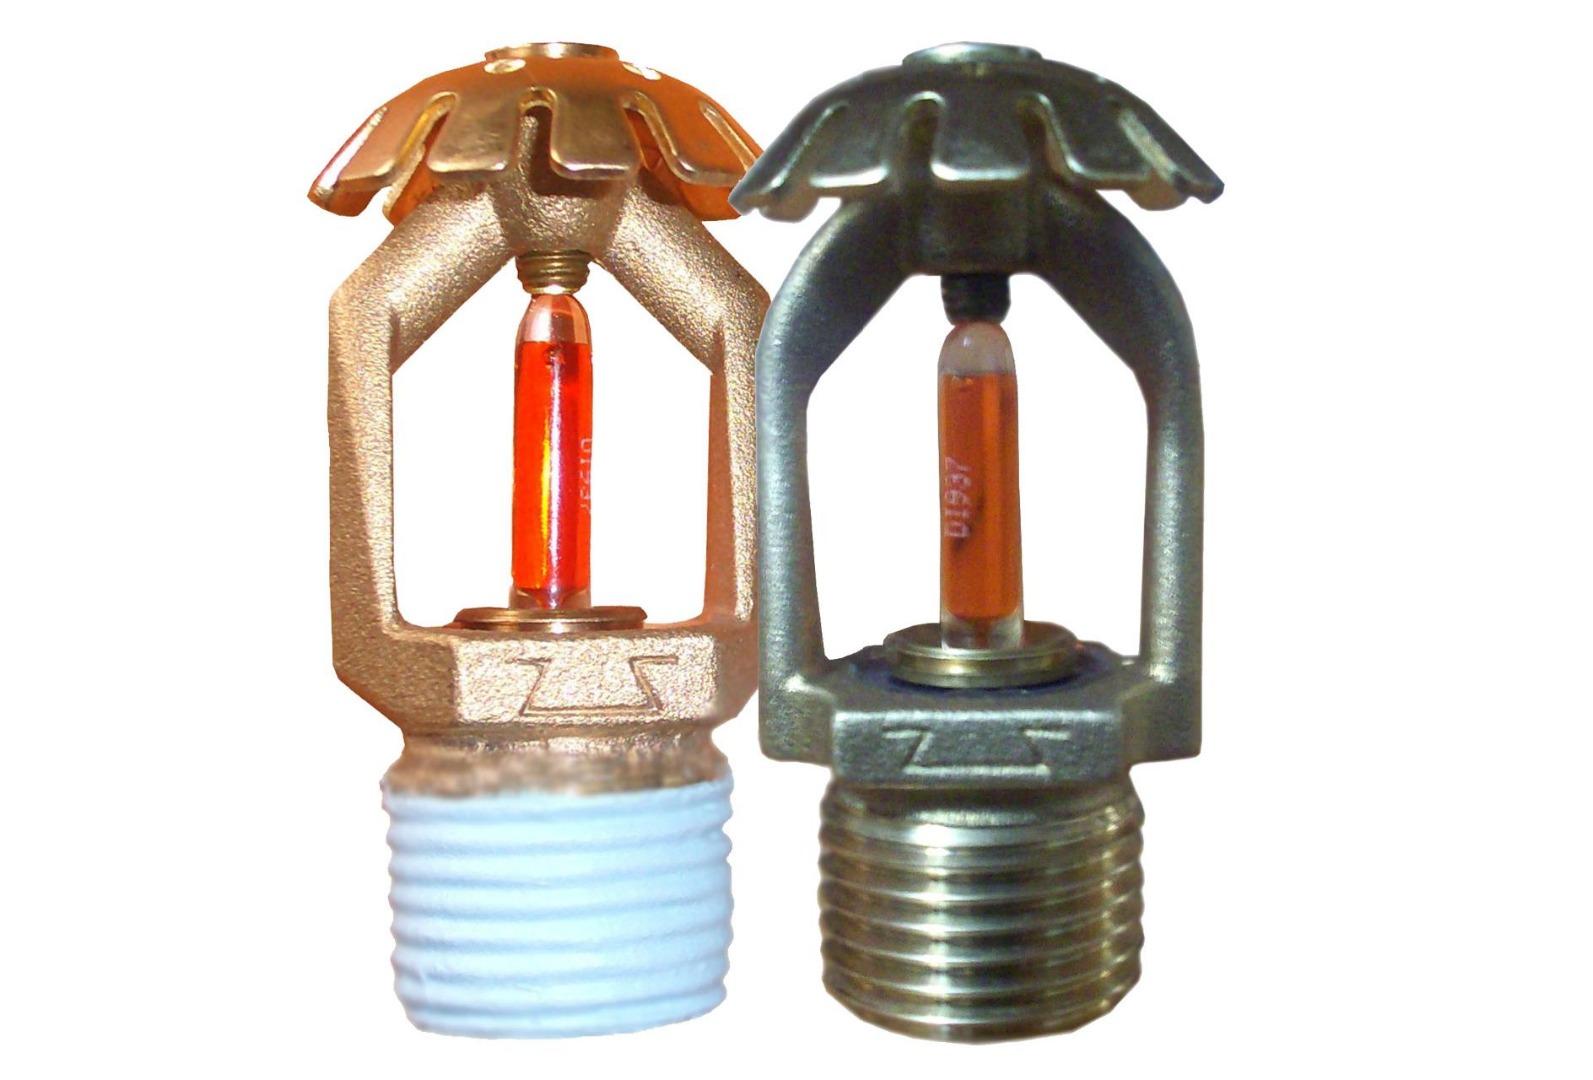 СВВ-К80 CBO0-PВо(д)0,42-R1/2/P79.B3 Ороситель спринклерный